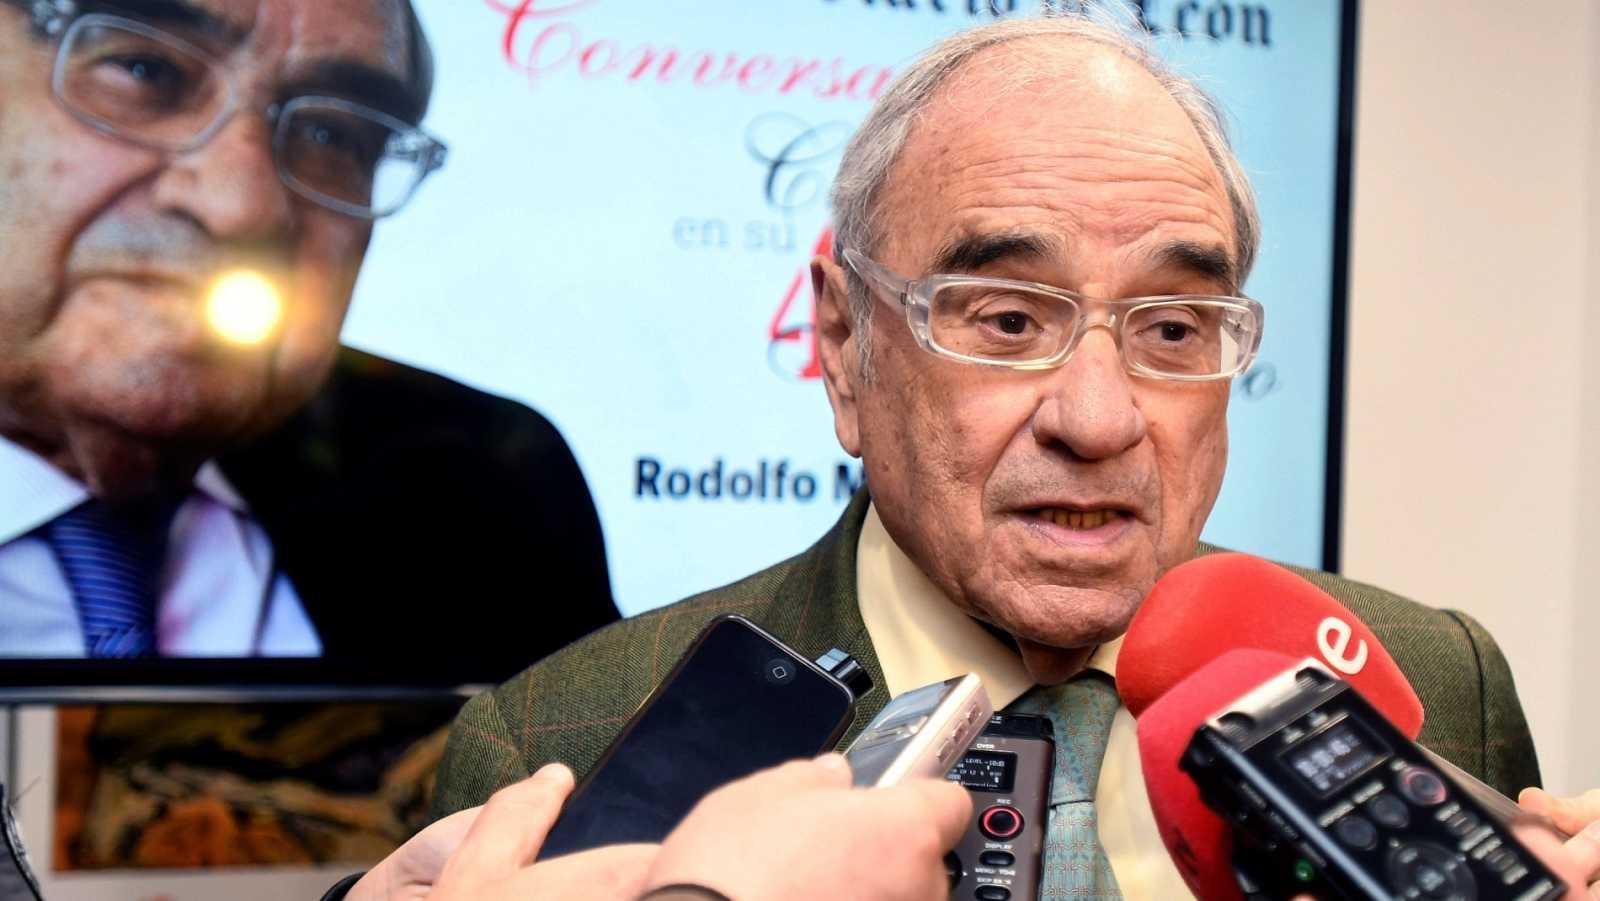 El exministro del Interior, Rodolfo Martín Villa, en una imagen de archivo